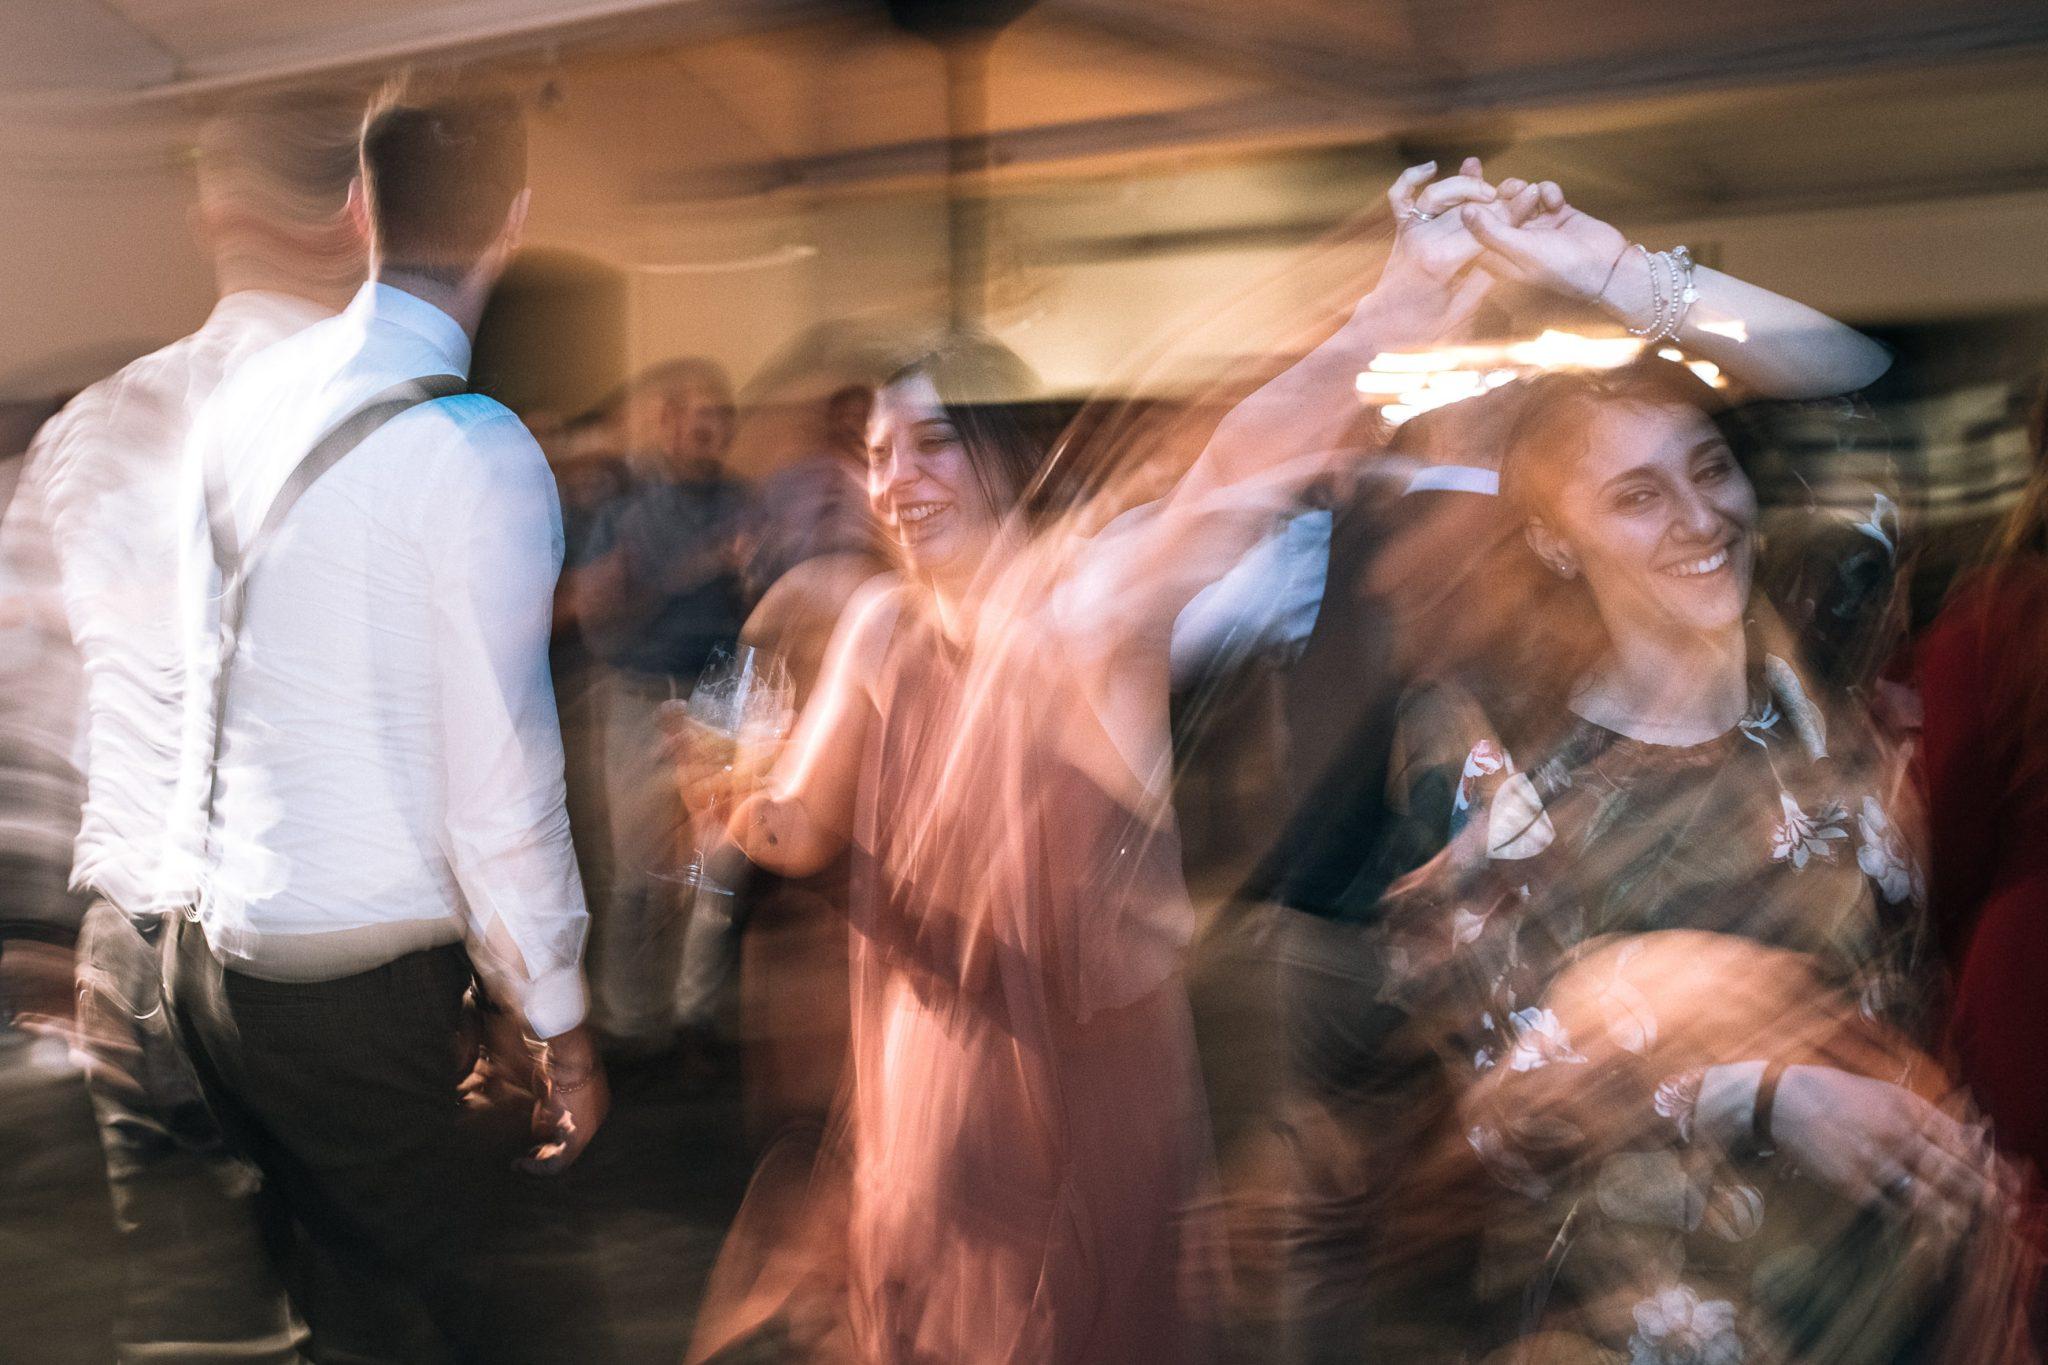 gli invitati mentre ballano